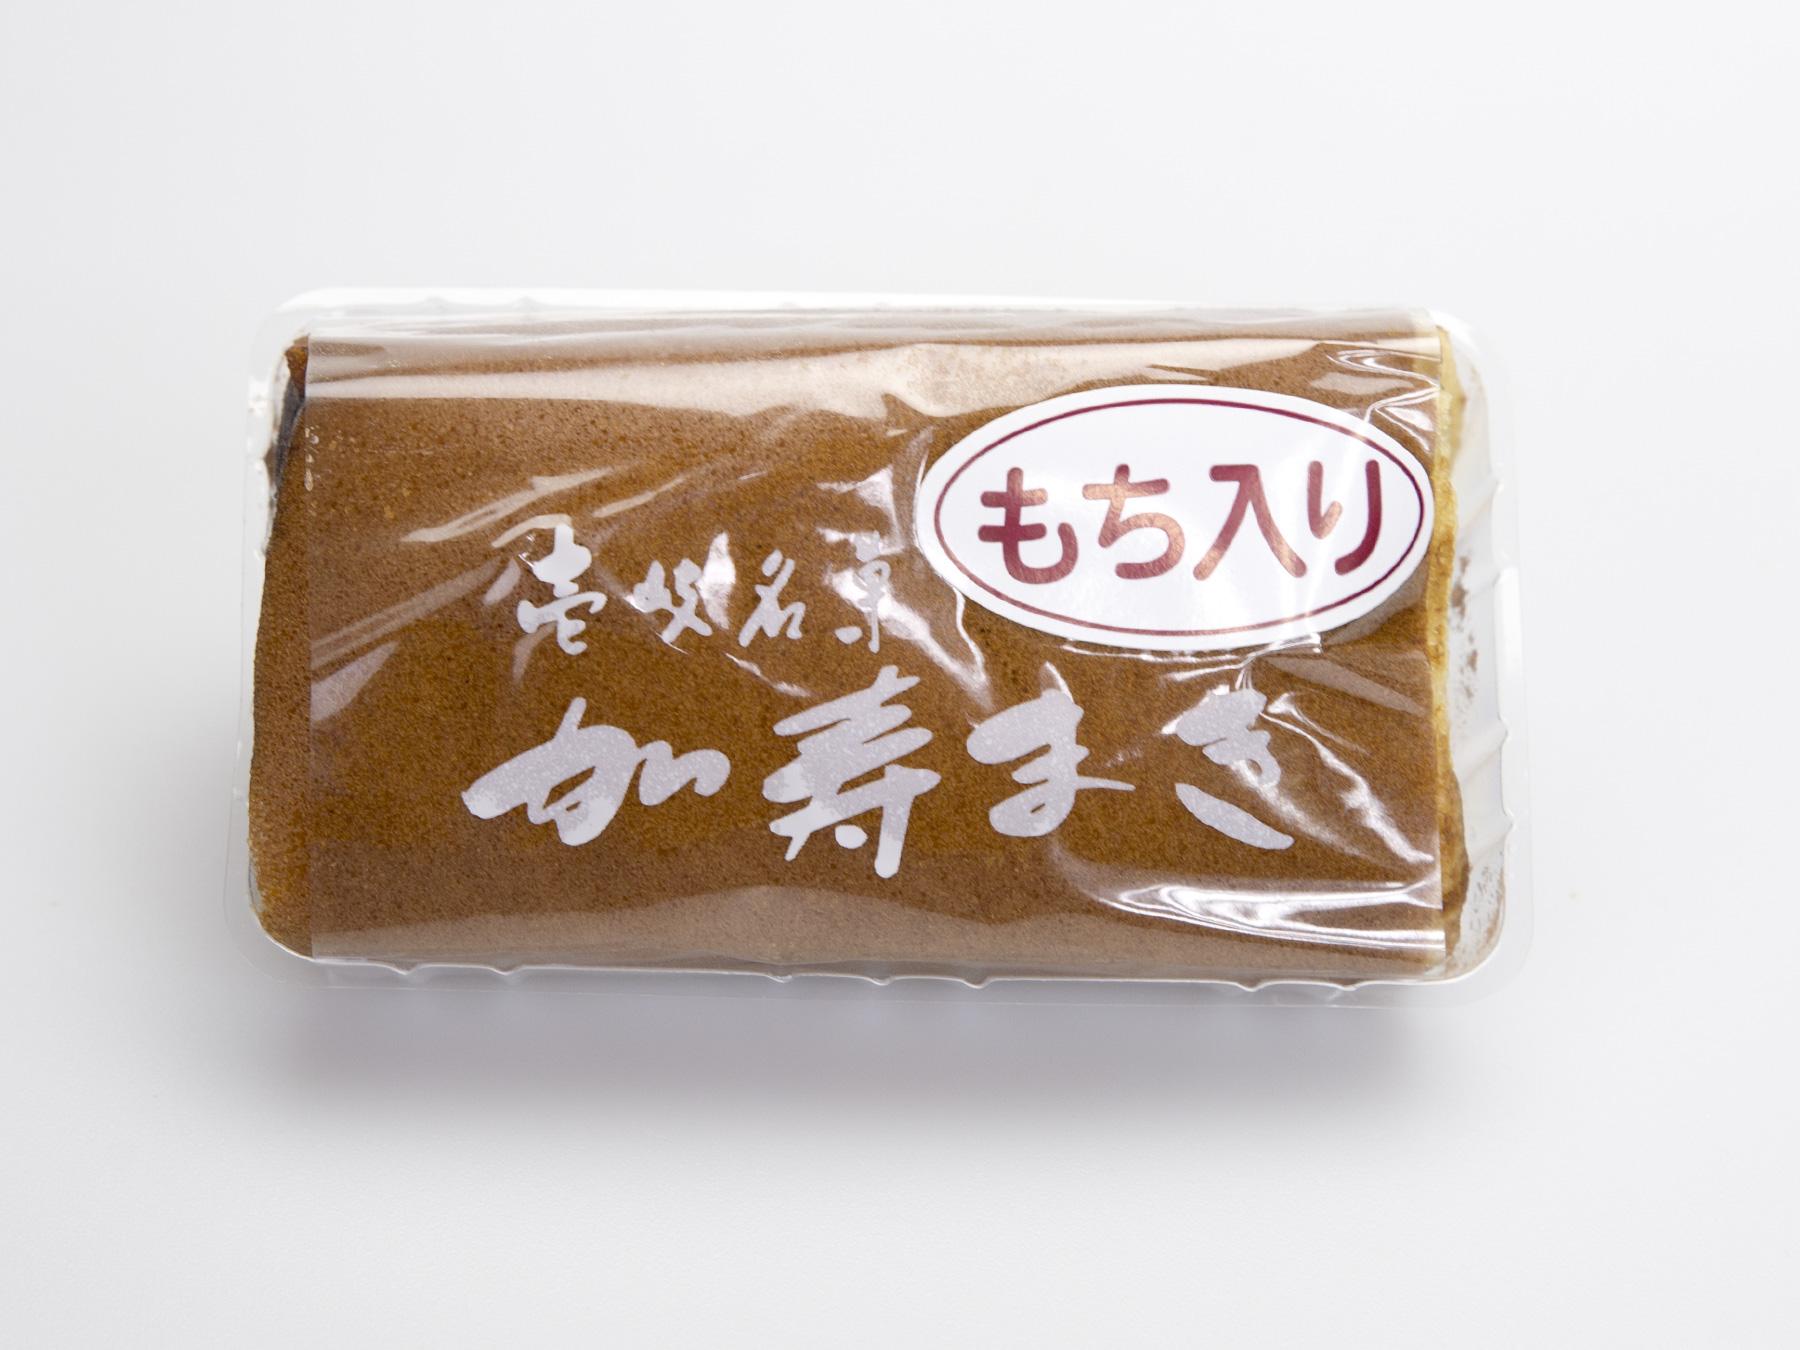 壱岐の島 加寿まき餅入り